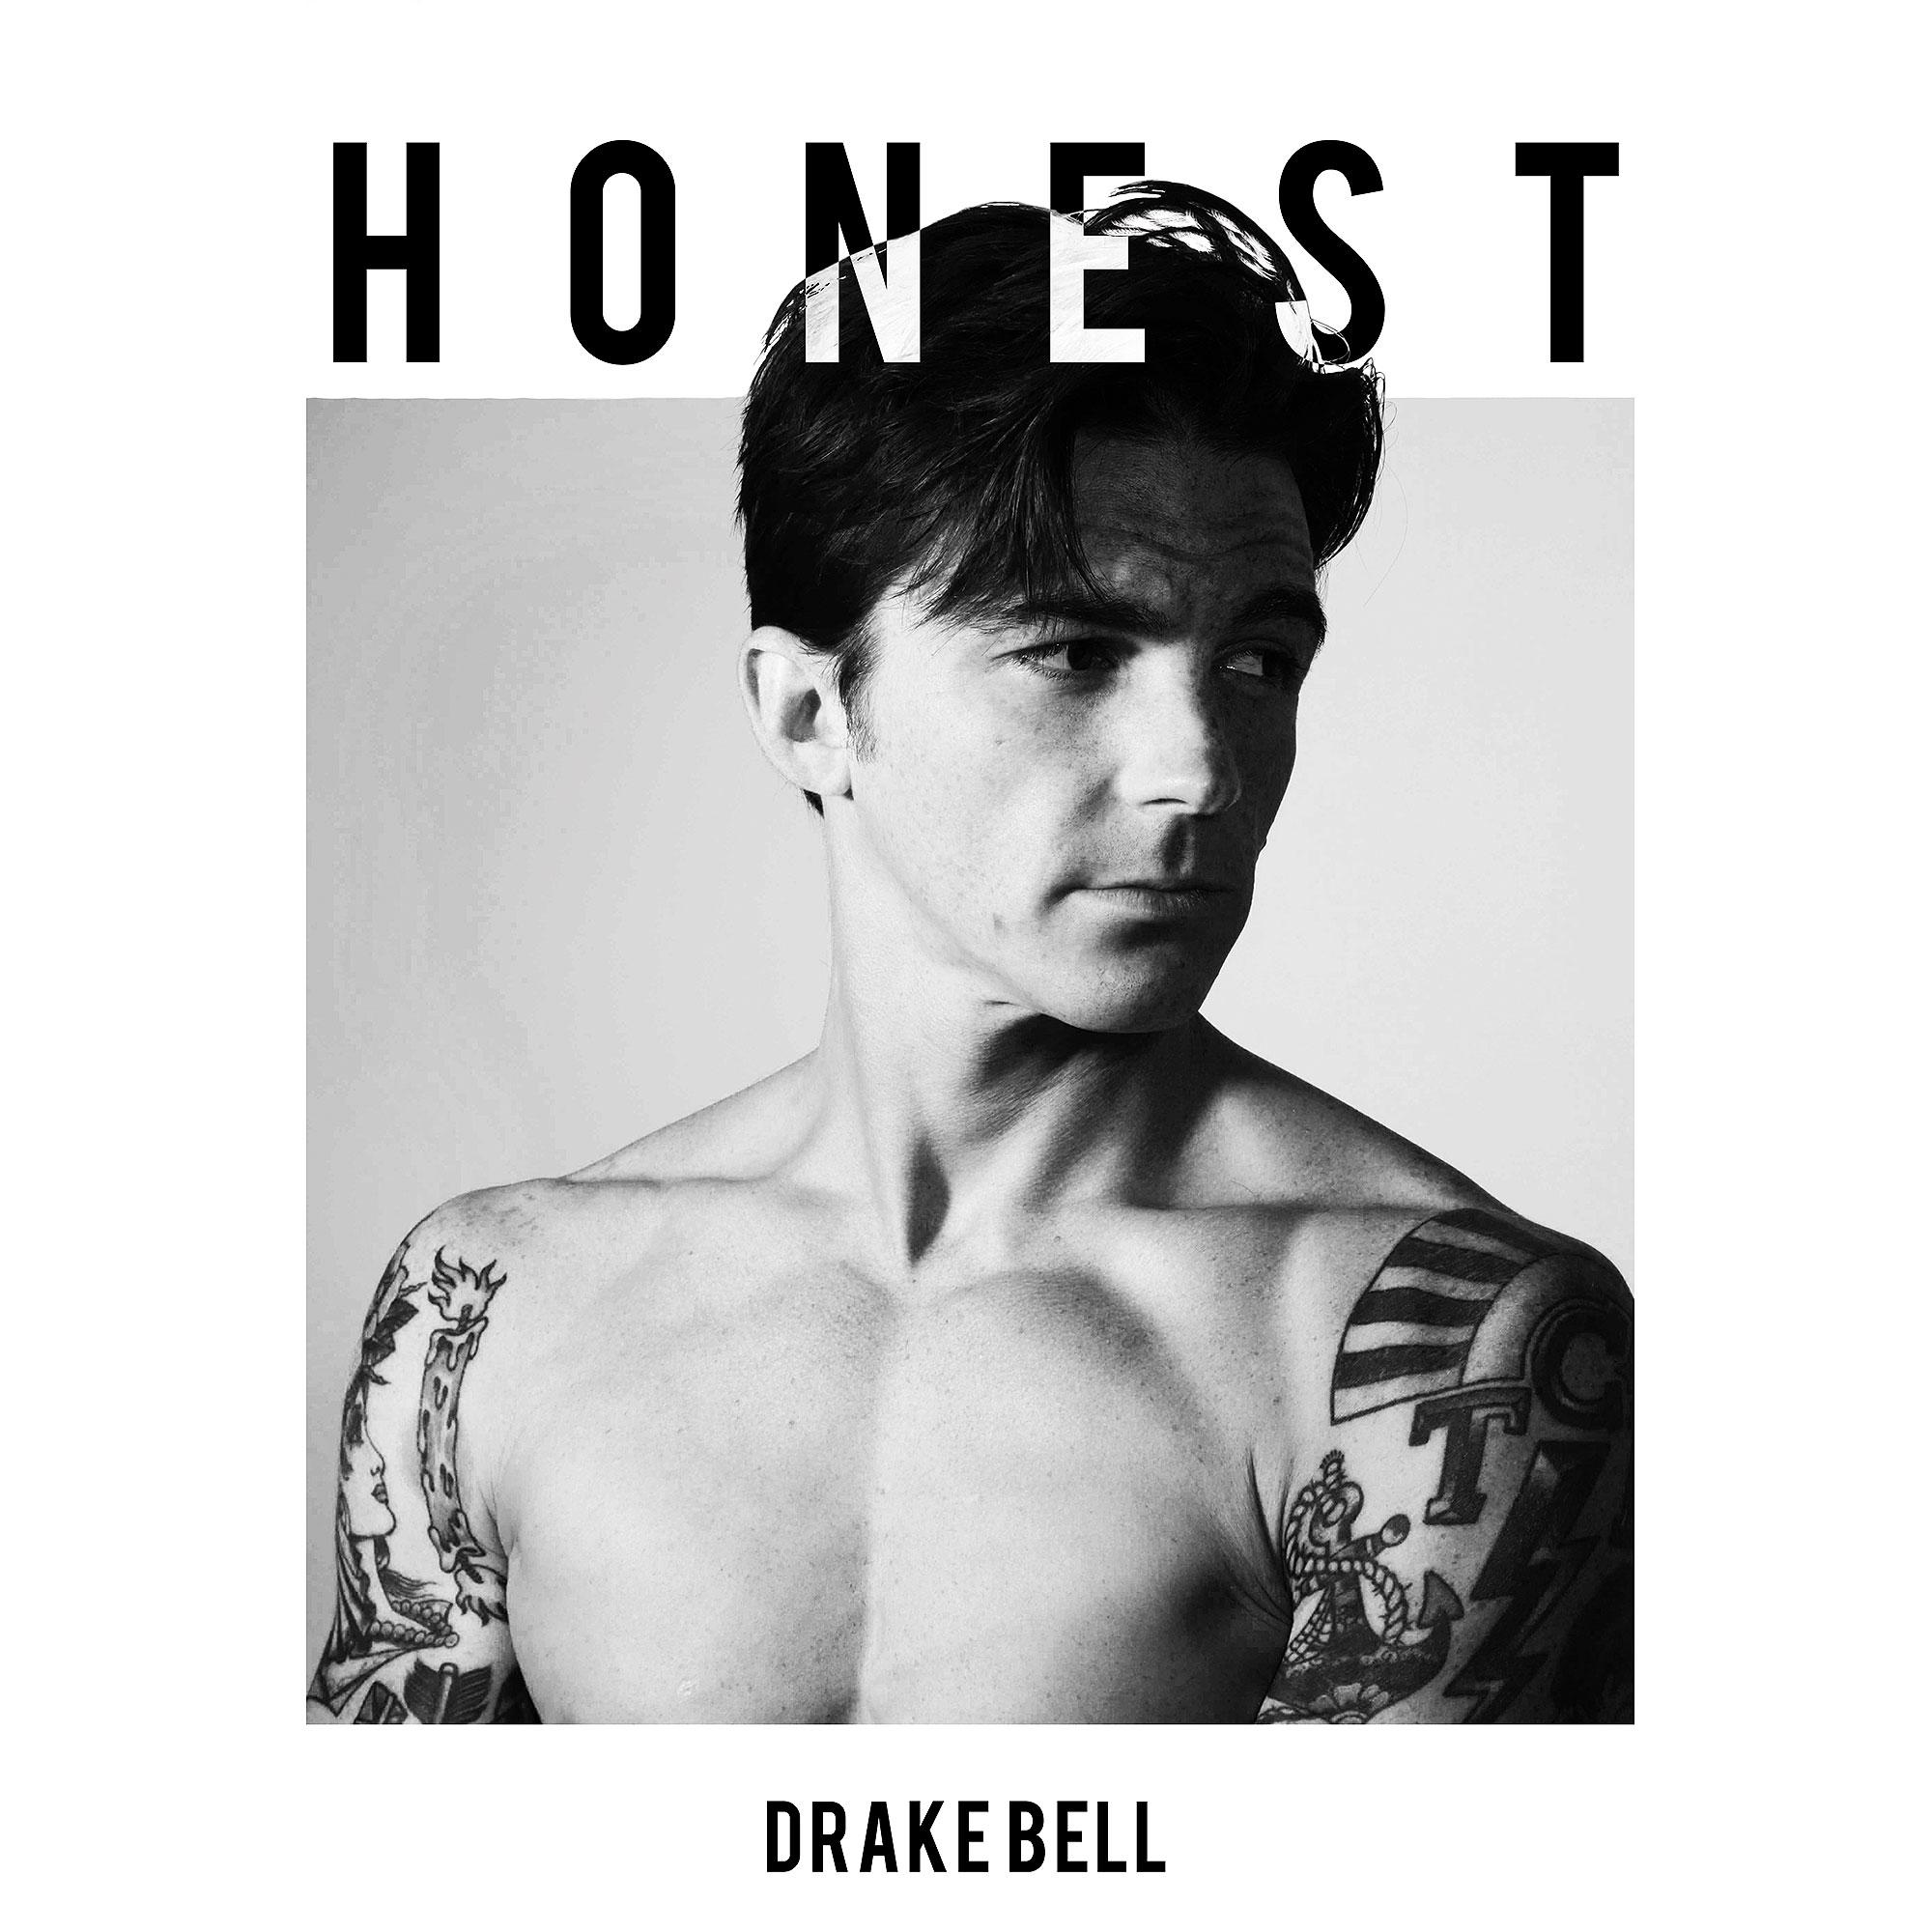 drake-bell-honest.jpg